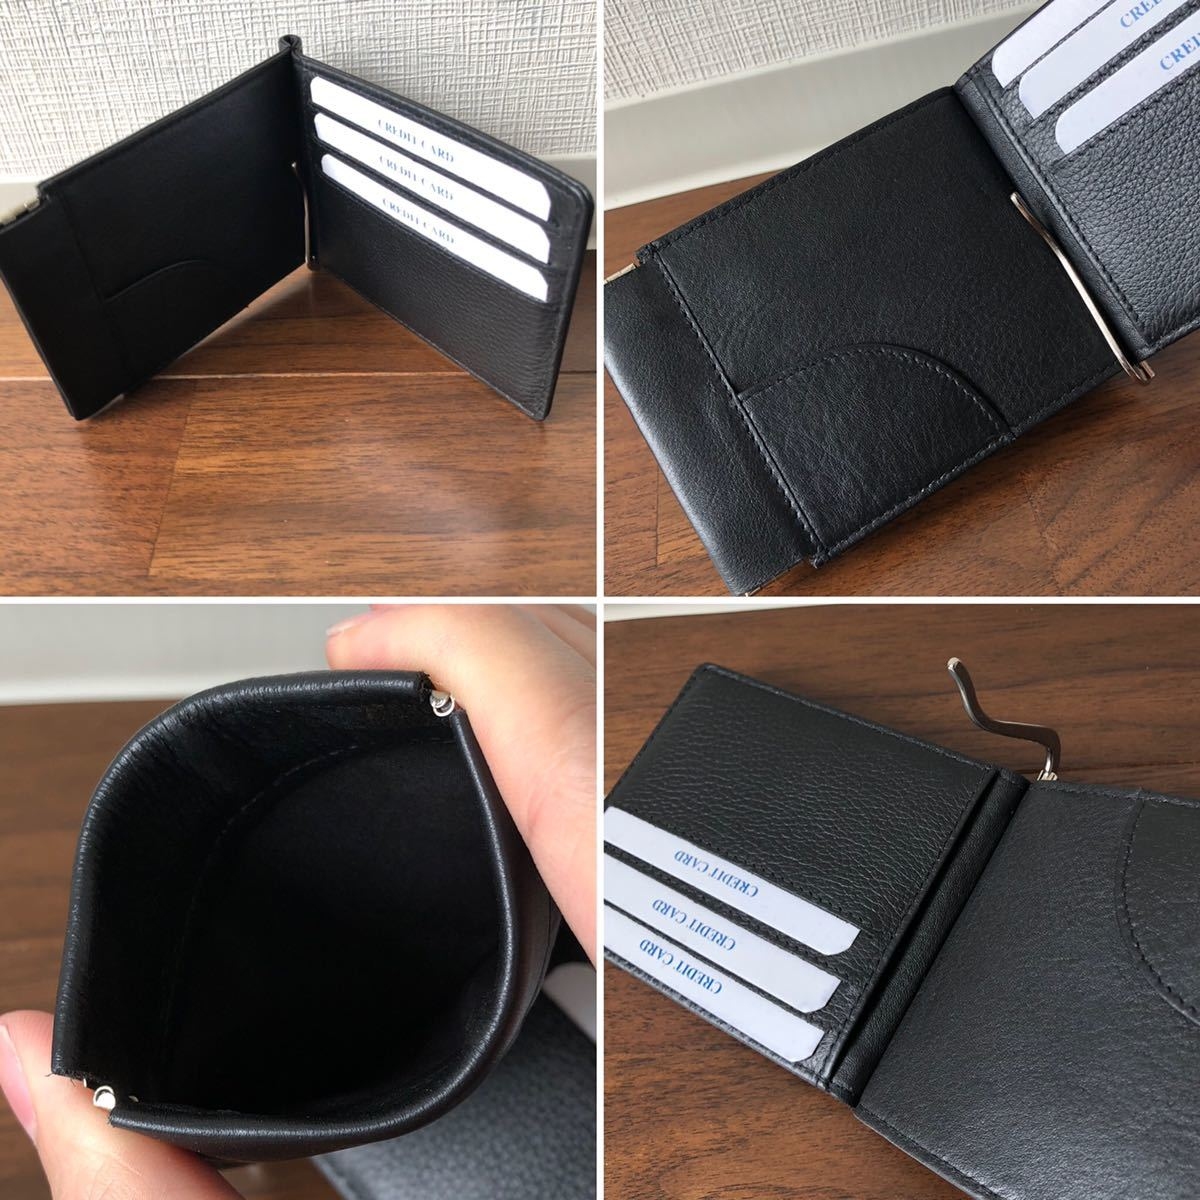 本革 ソフトレザー 薄型 マネークリップ ブラック 二つ折り財布 バネ口 コインケース メンズ レディース ビジネス コンパクト 薄マチ 財布_画像3